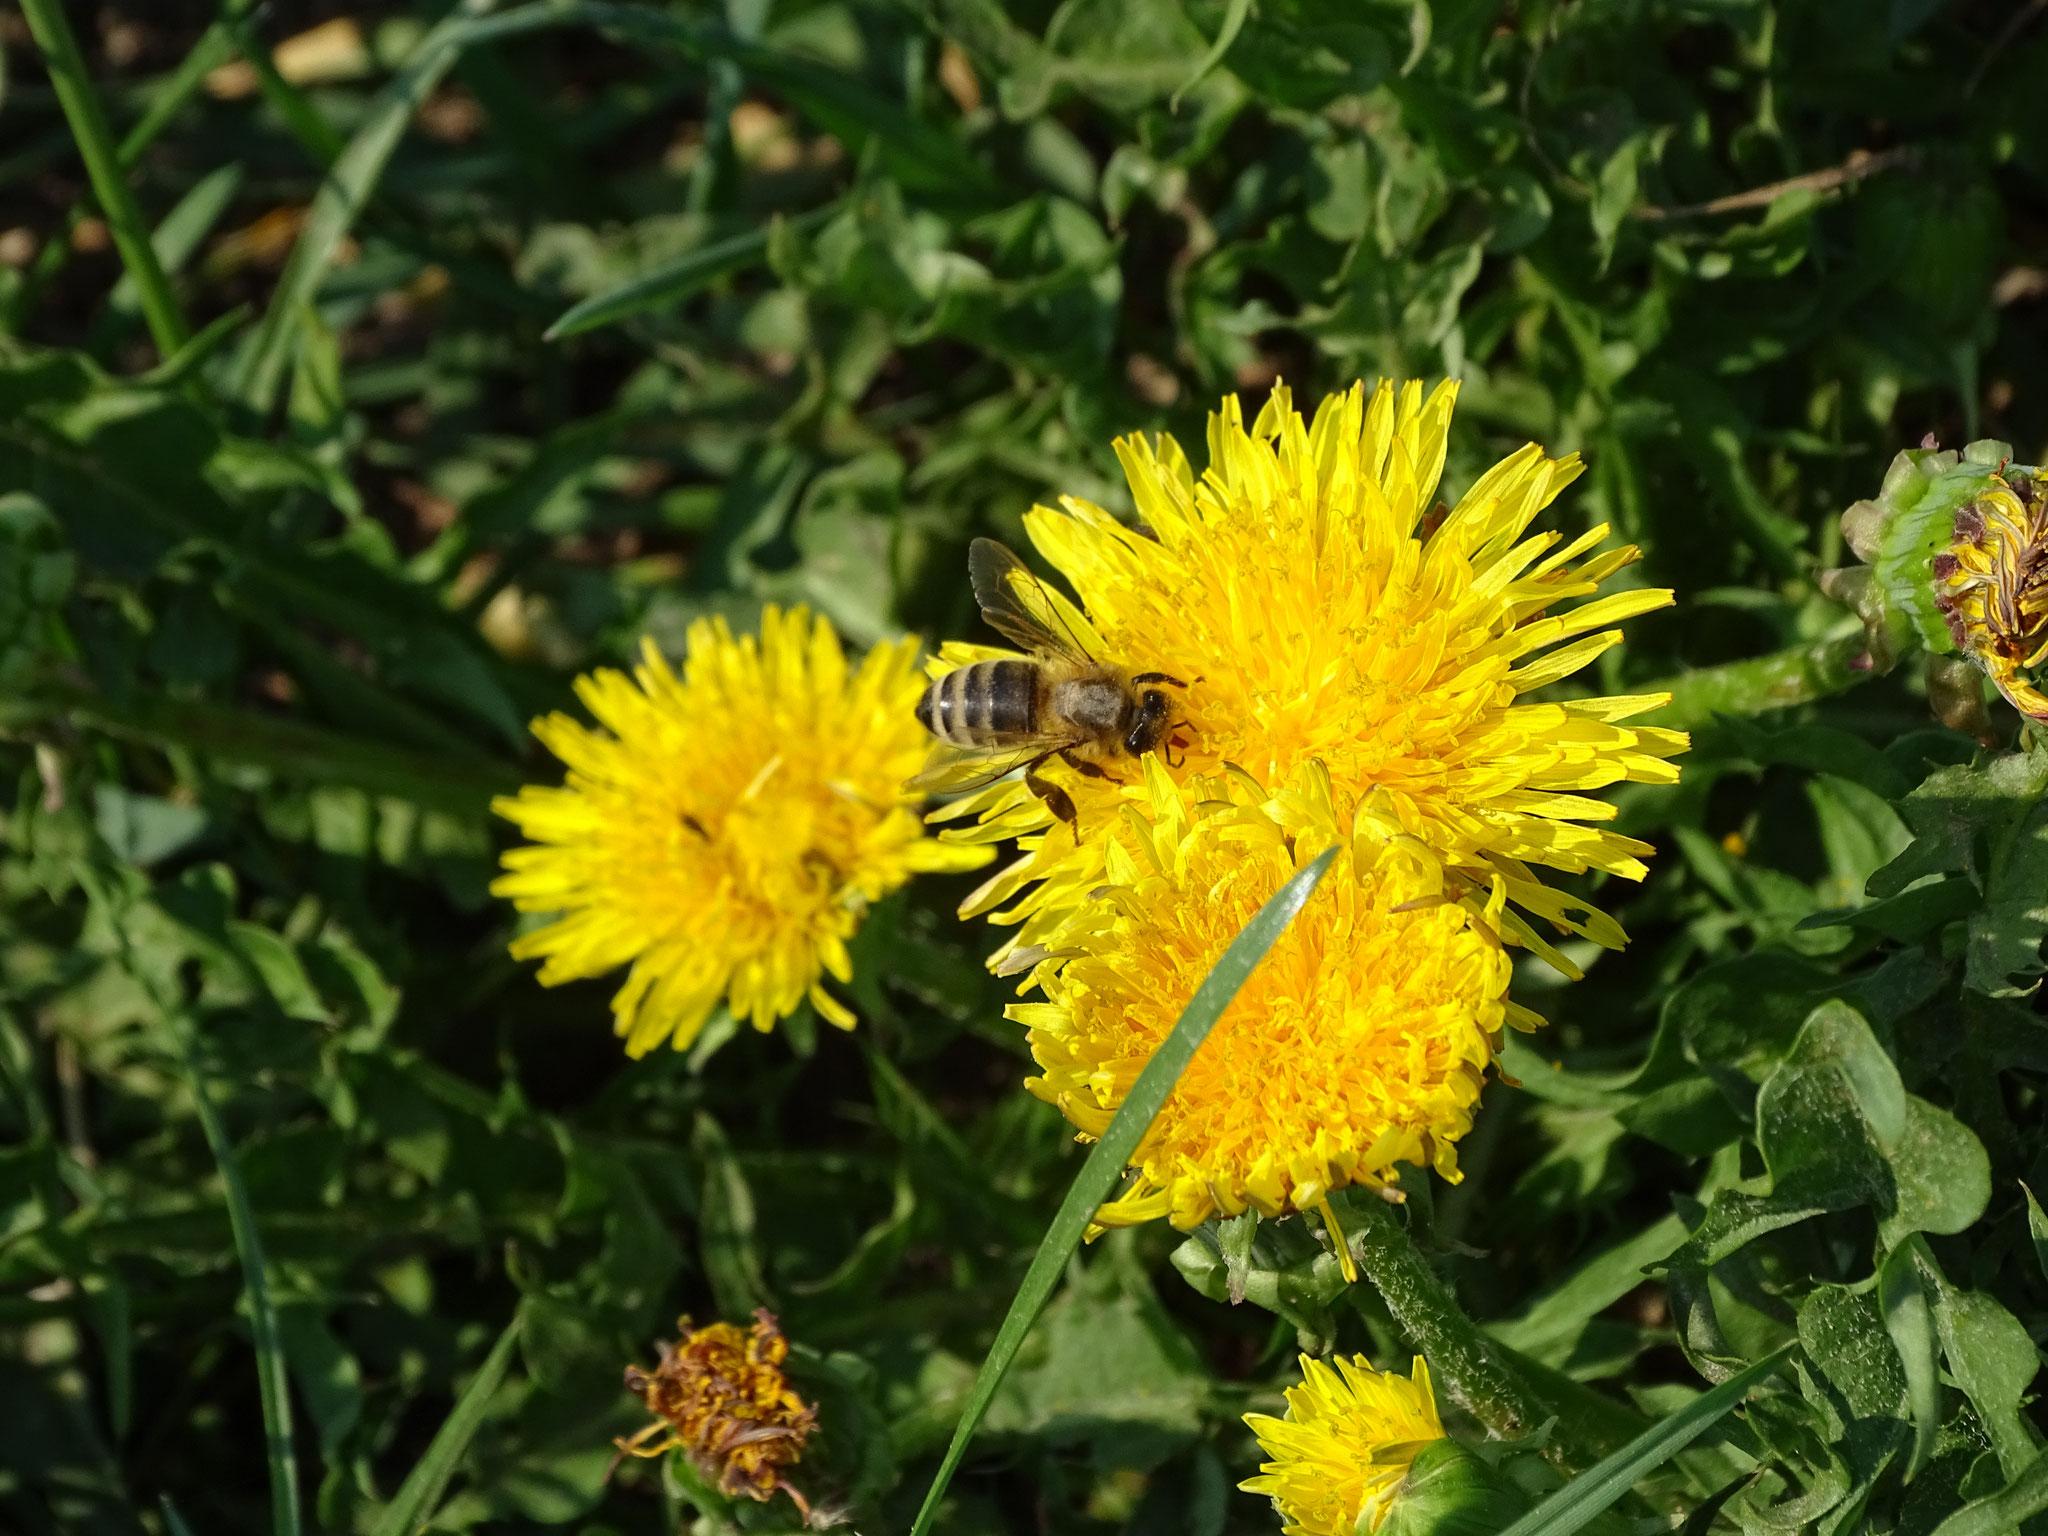 Umweltschutz & Biodiversität